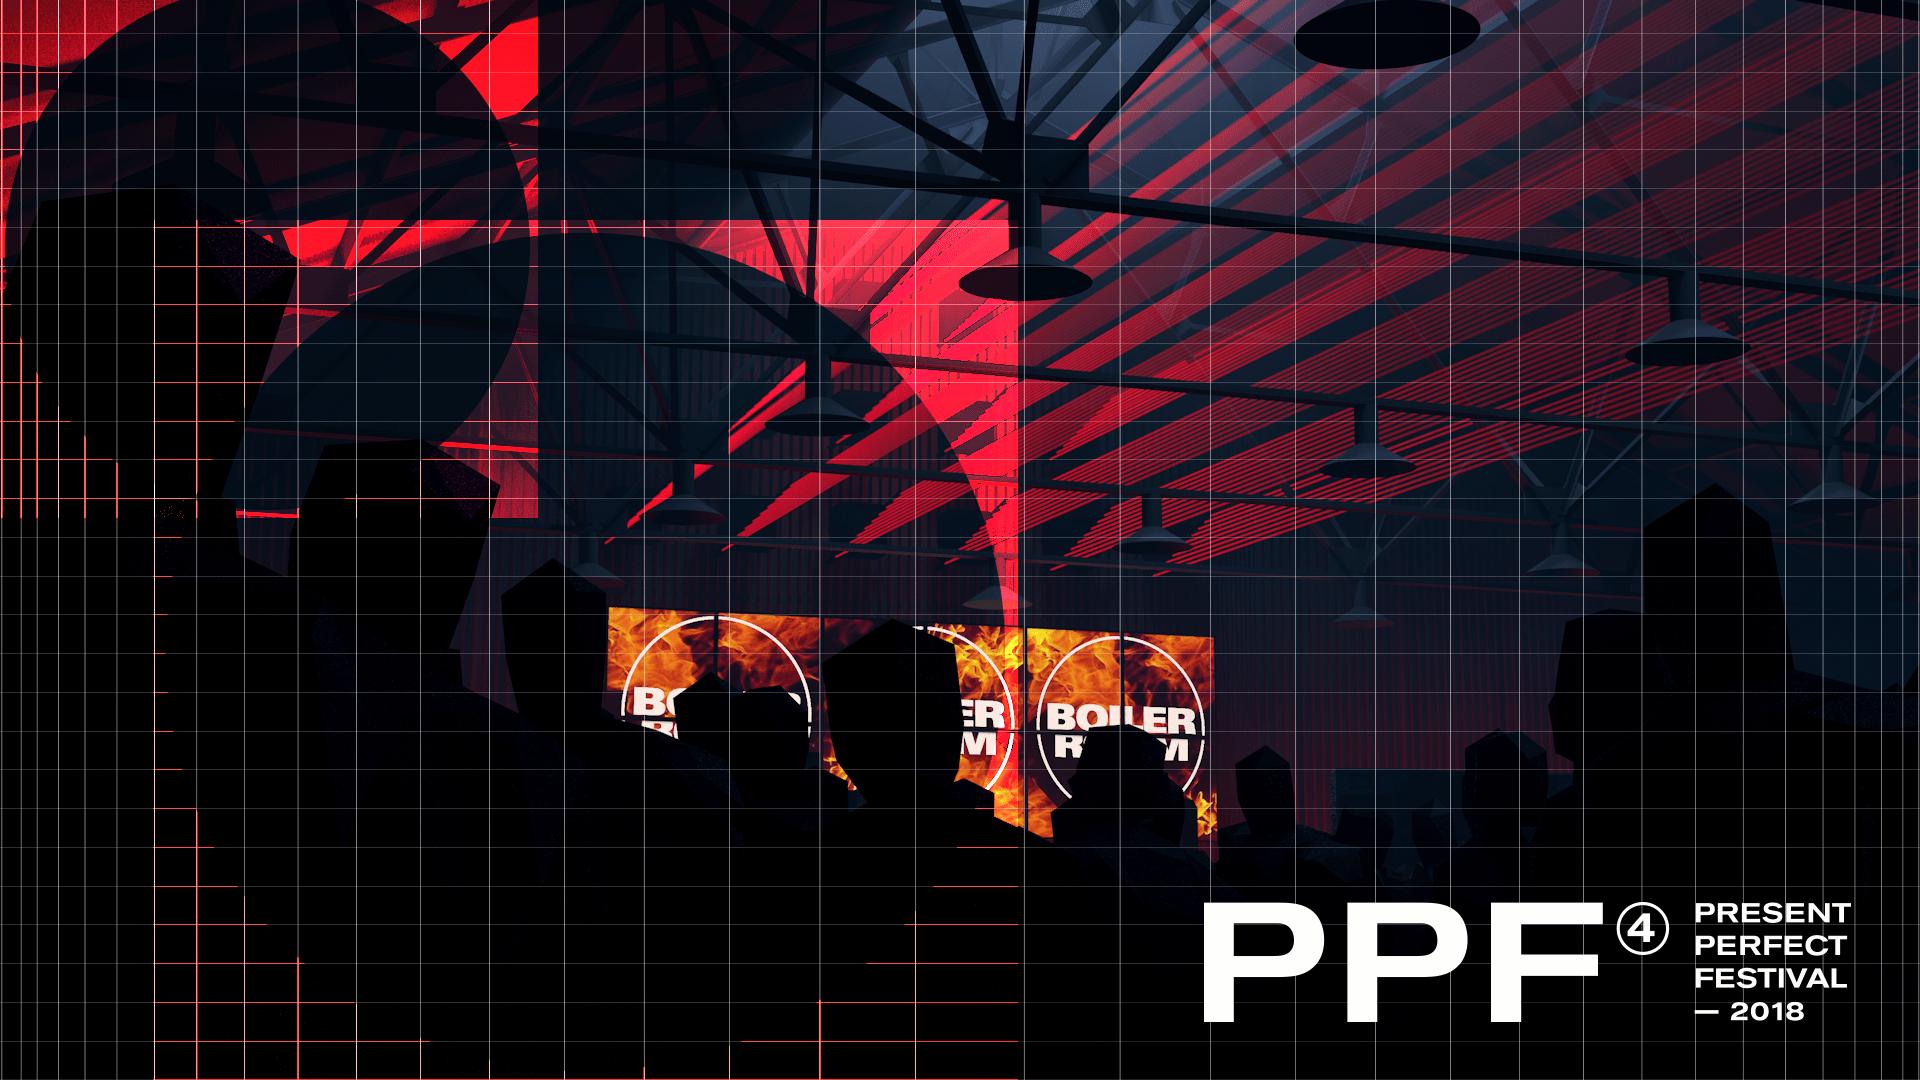 """perfect festival Питер, прием! 27-29 июля в Порту """"Севкабель"""" прогремит Present Perfect Festival BOILER ROOM STAGE"""